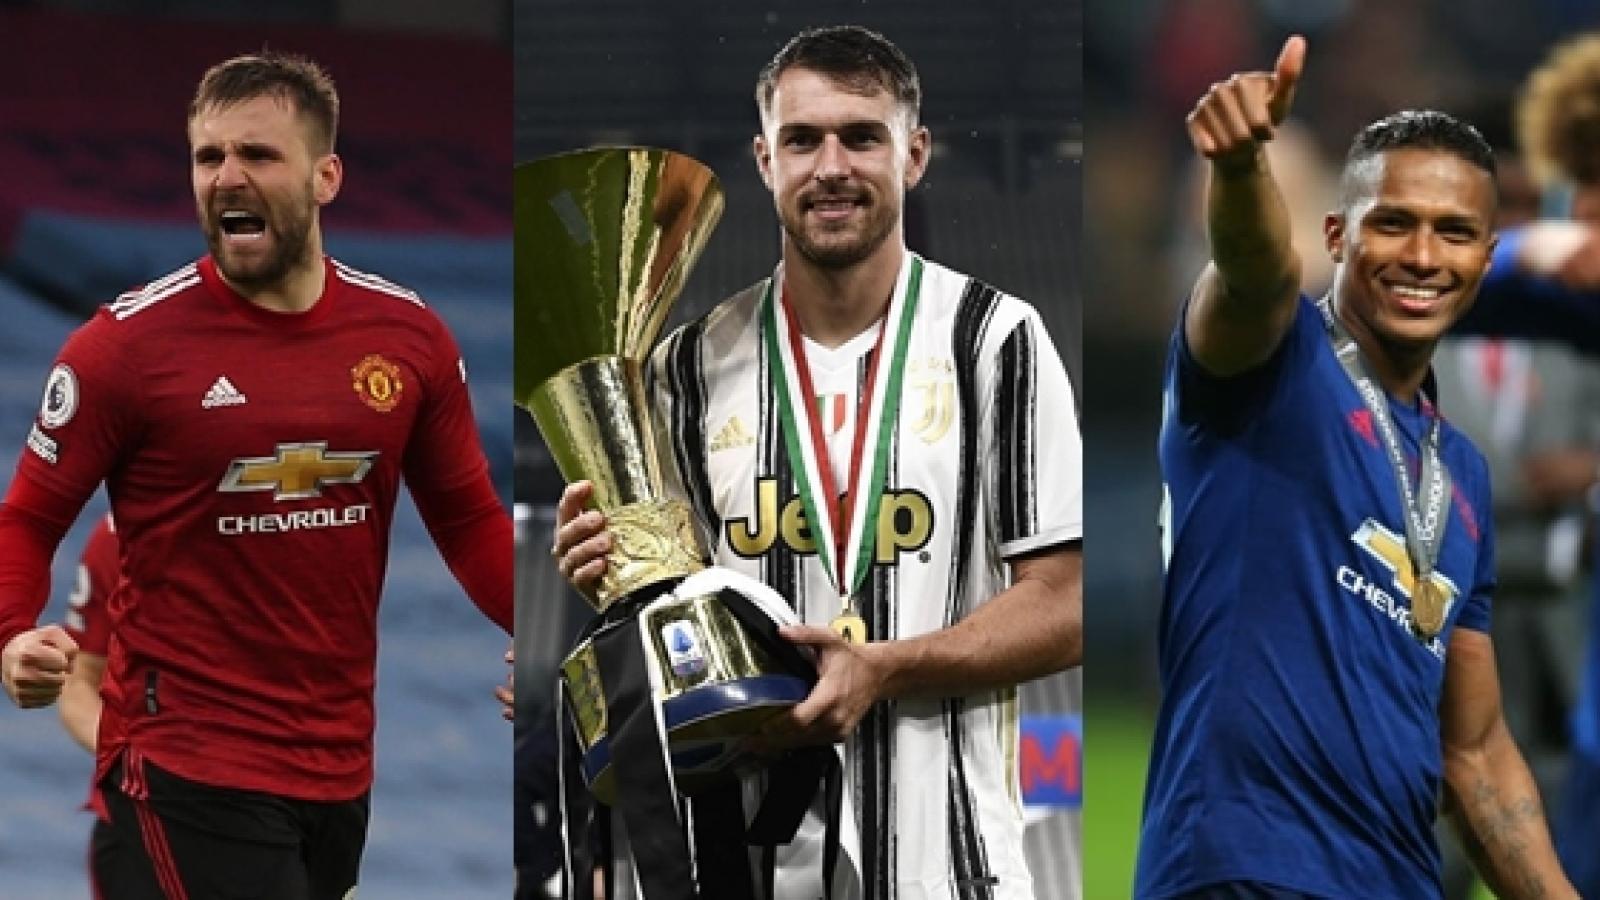 5 ngôi sao Premier League trở lại thần kỳ sau chấn thương gãy chân